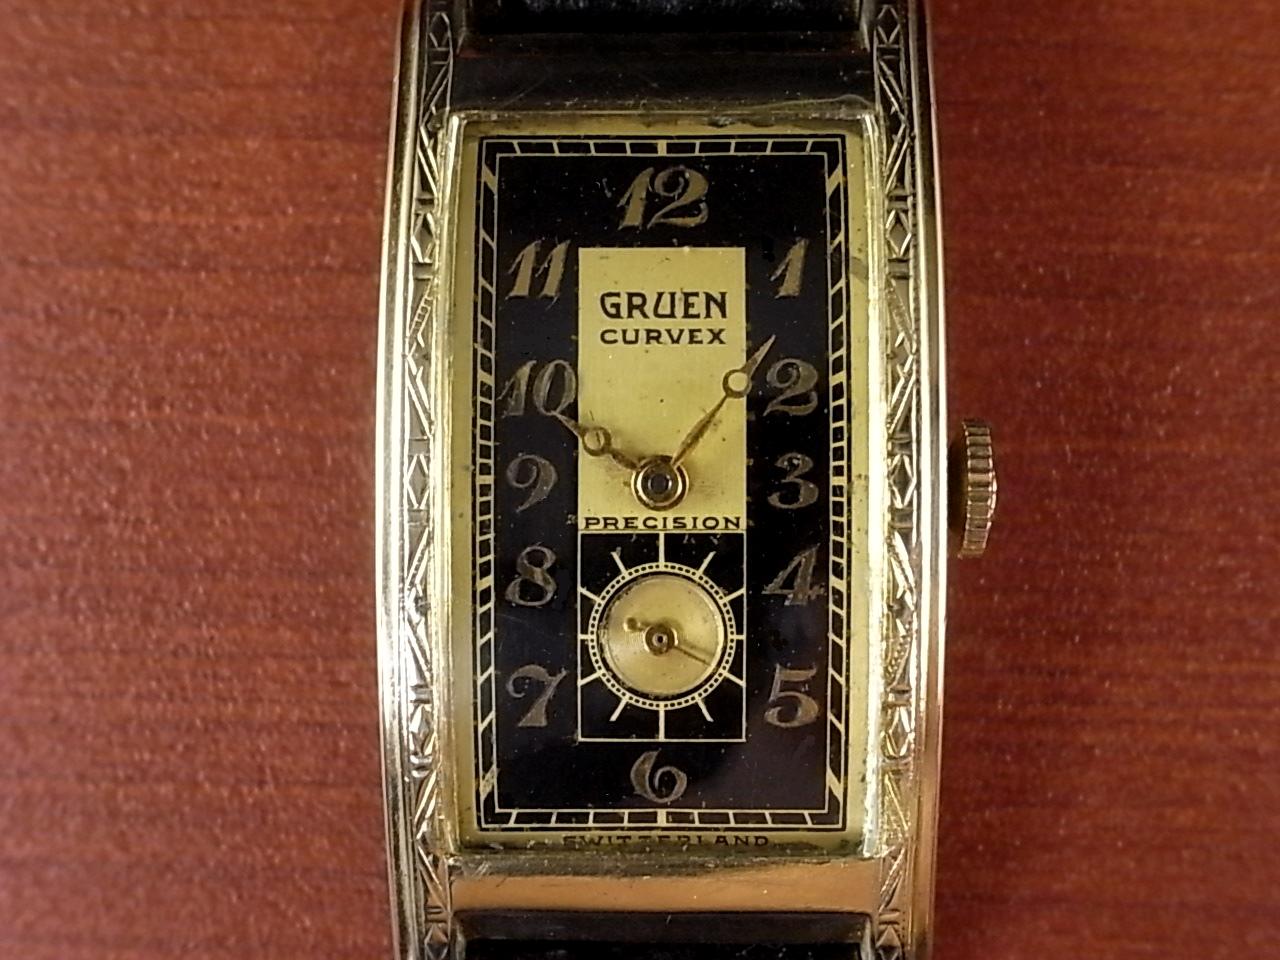 グリュエン カーベックス ブラック/ゴールド 2トーンダイアル Cal.330 1930年代 の写真2枚目